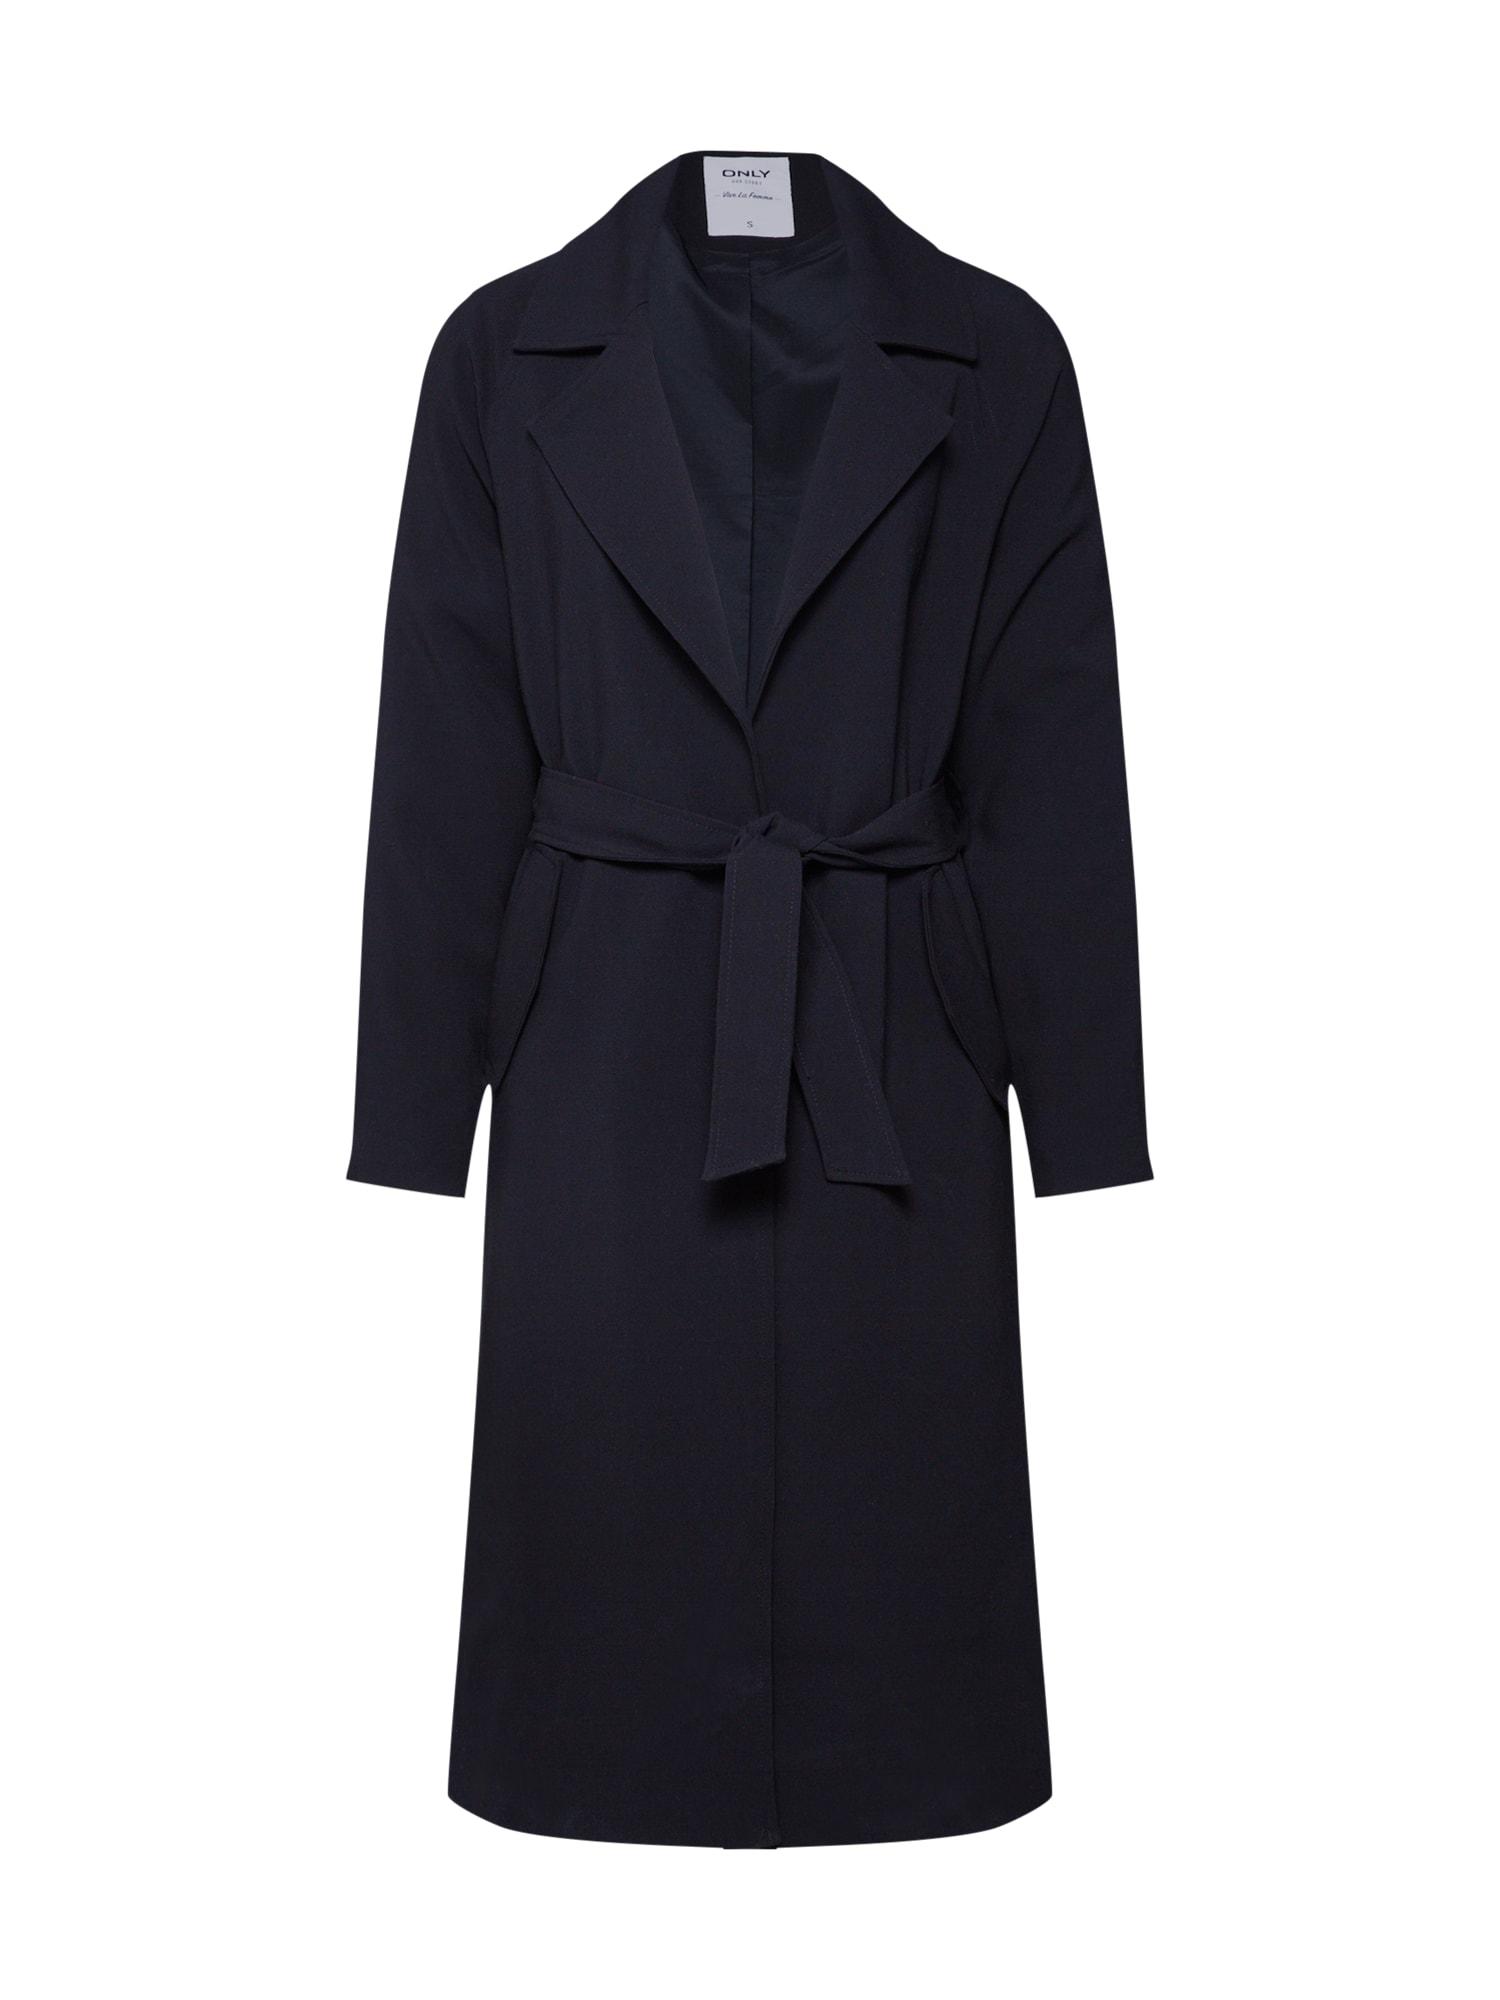 Přechodný kabát IVY kobaltová modř ONLY